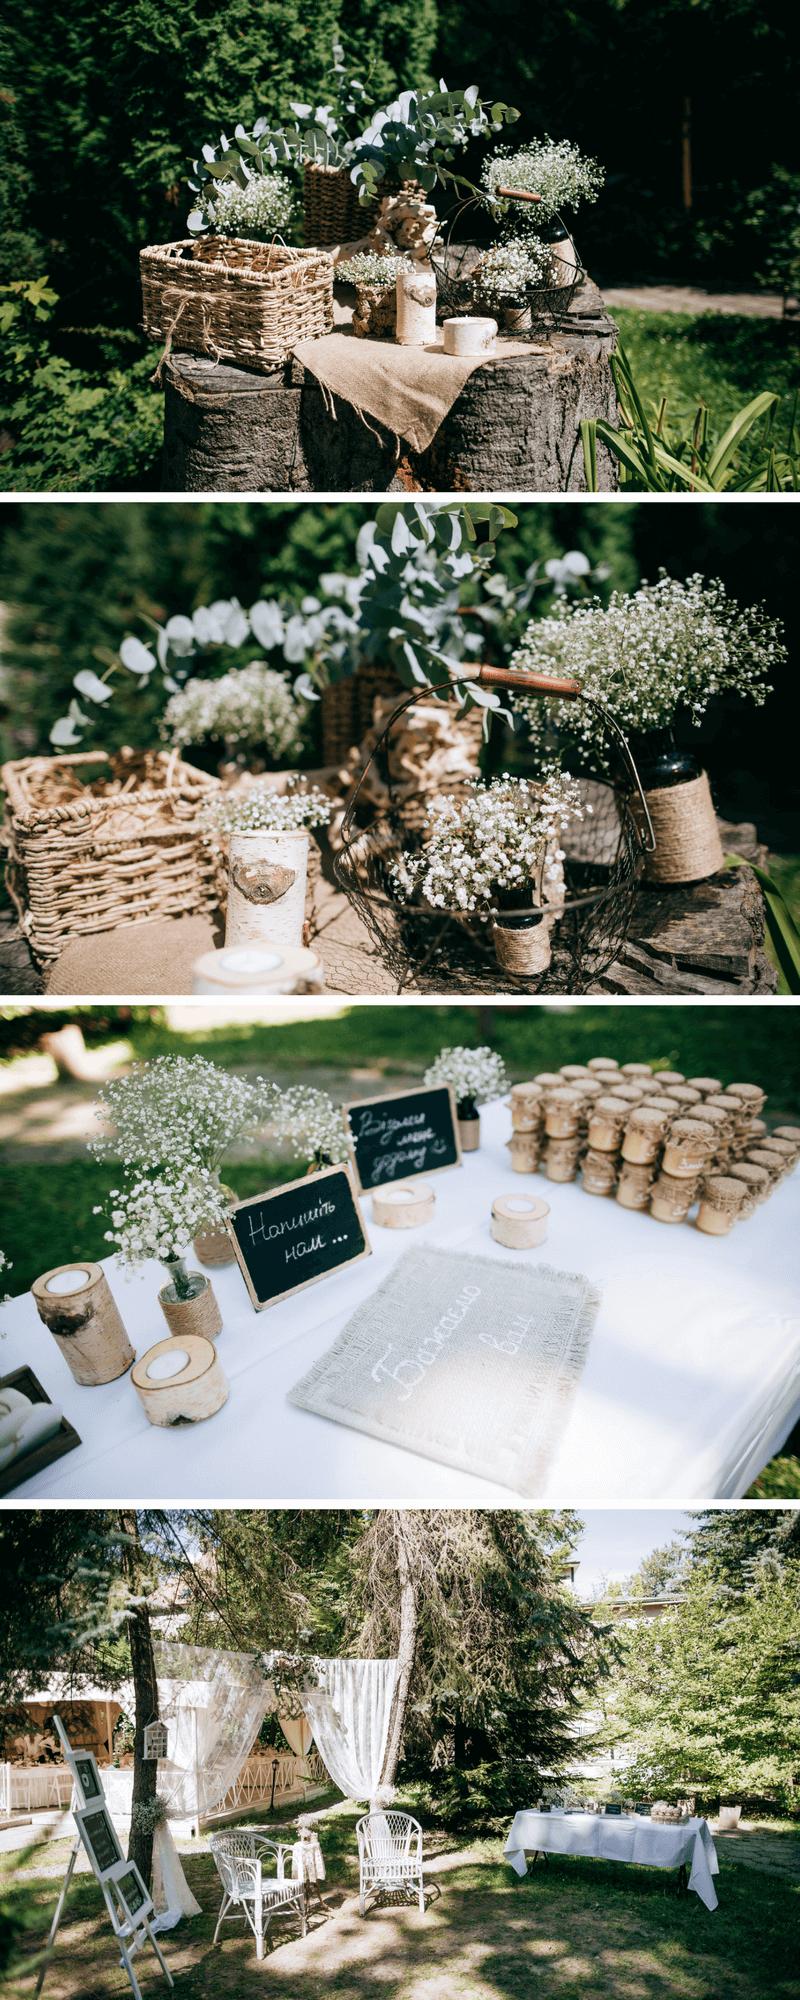 Gartenhochzeit, Hochzeit im Garten, Hochzeit im Freien, Outdoor Hochzeit